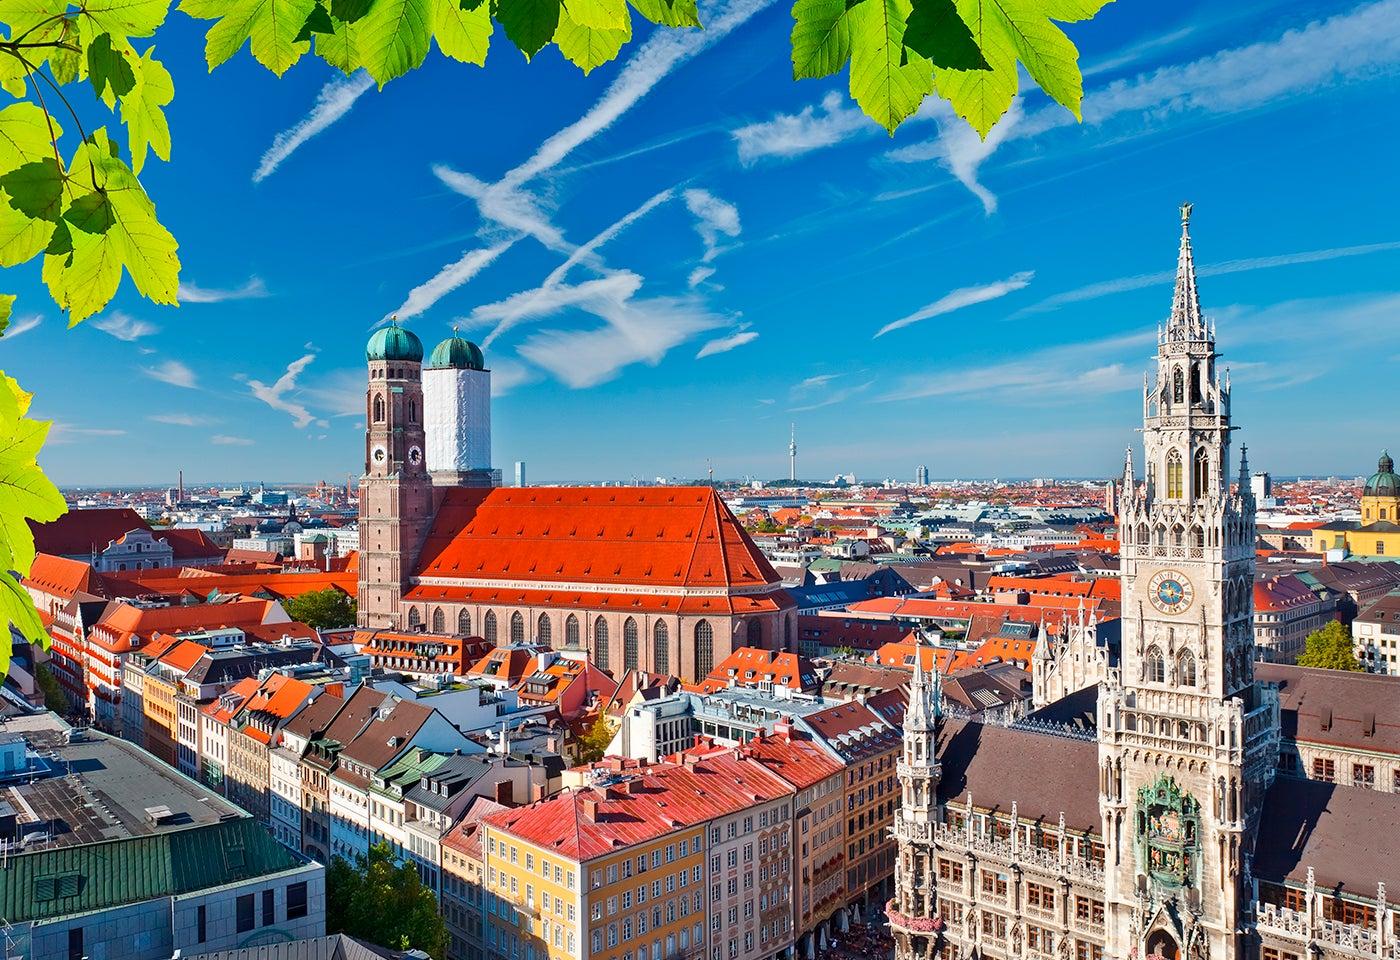 Actividades diferentes por Múnich que puedes realizar